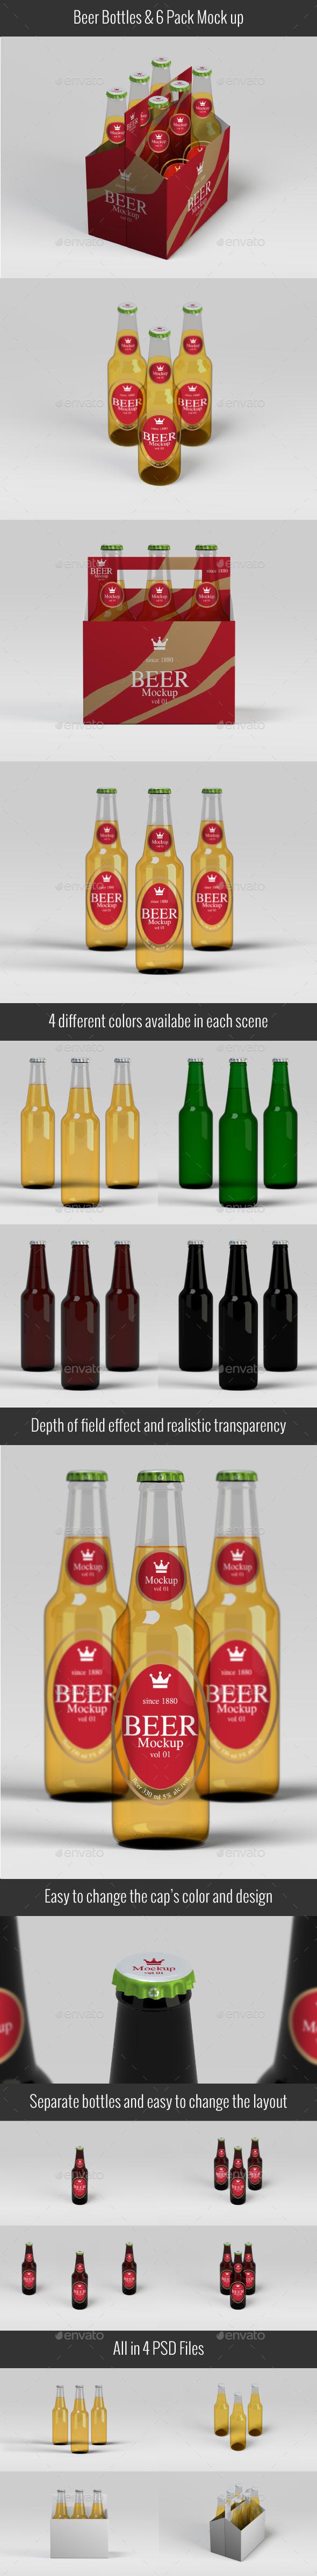 Beer Bottles & Six Pack Mockup V01 - Food and Drink Packaging